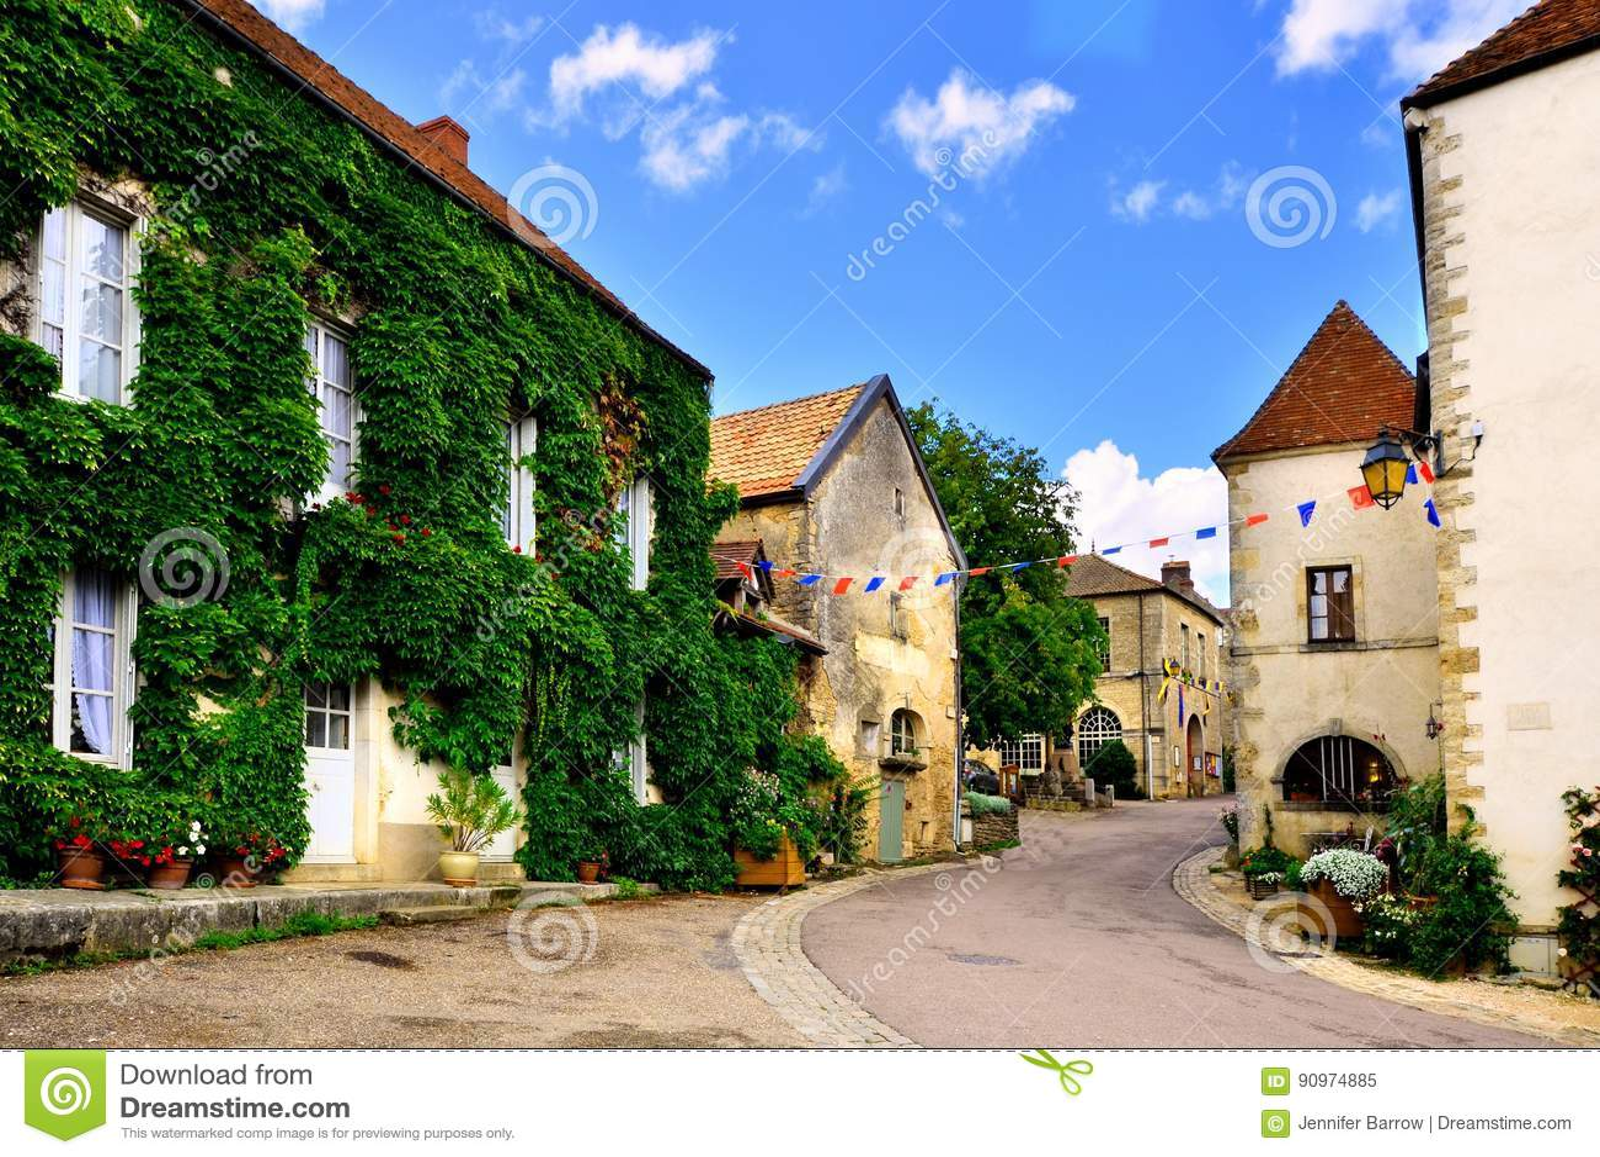 Vicolo frondoso di un villaggio medievale, Borgogna, Francia